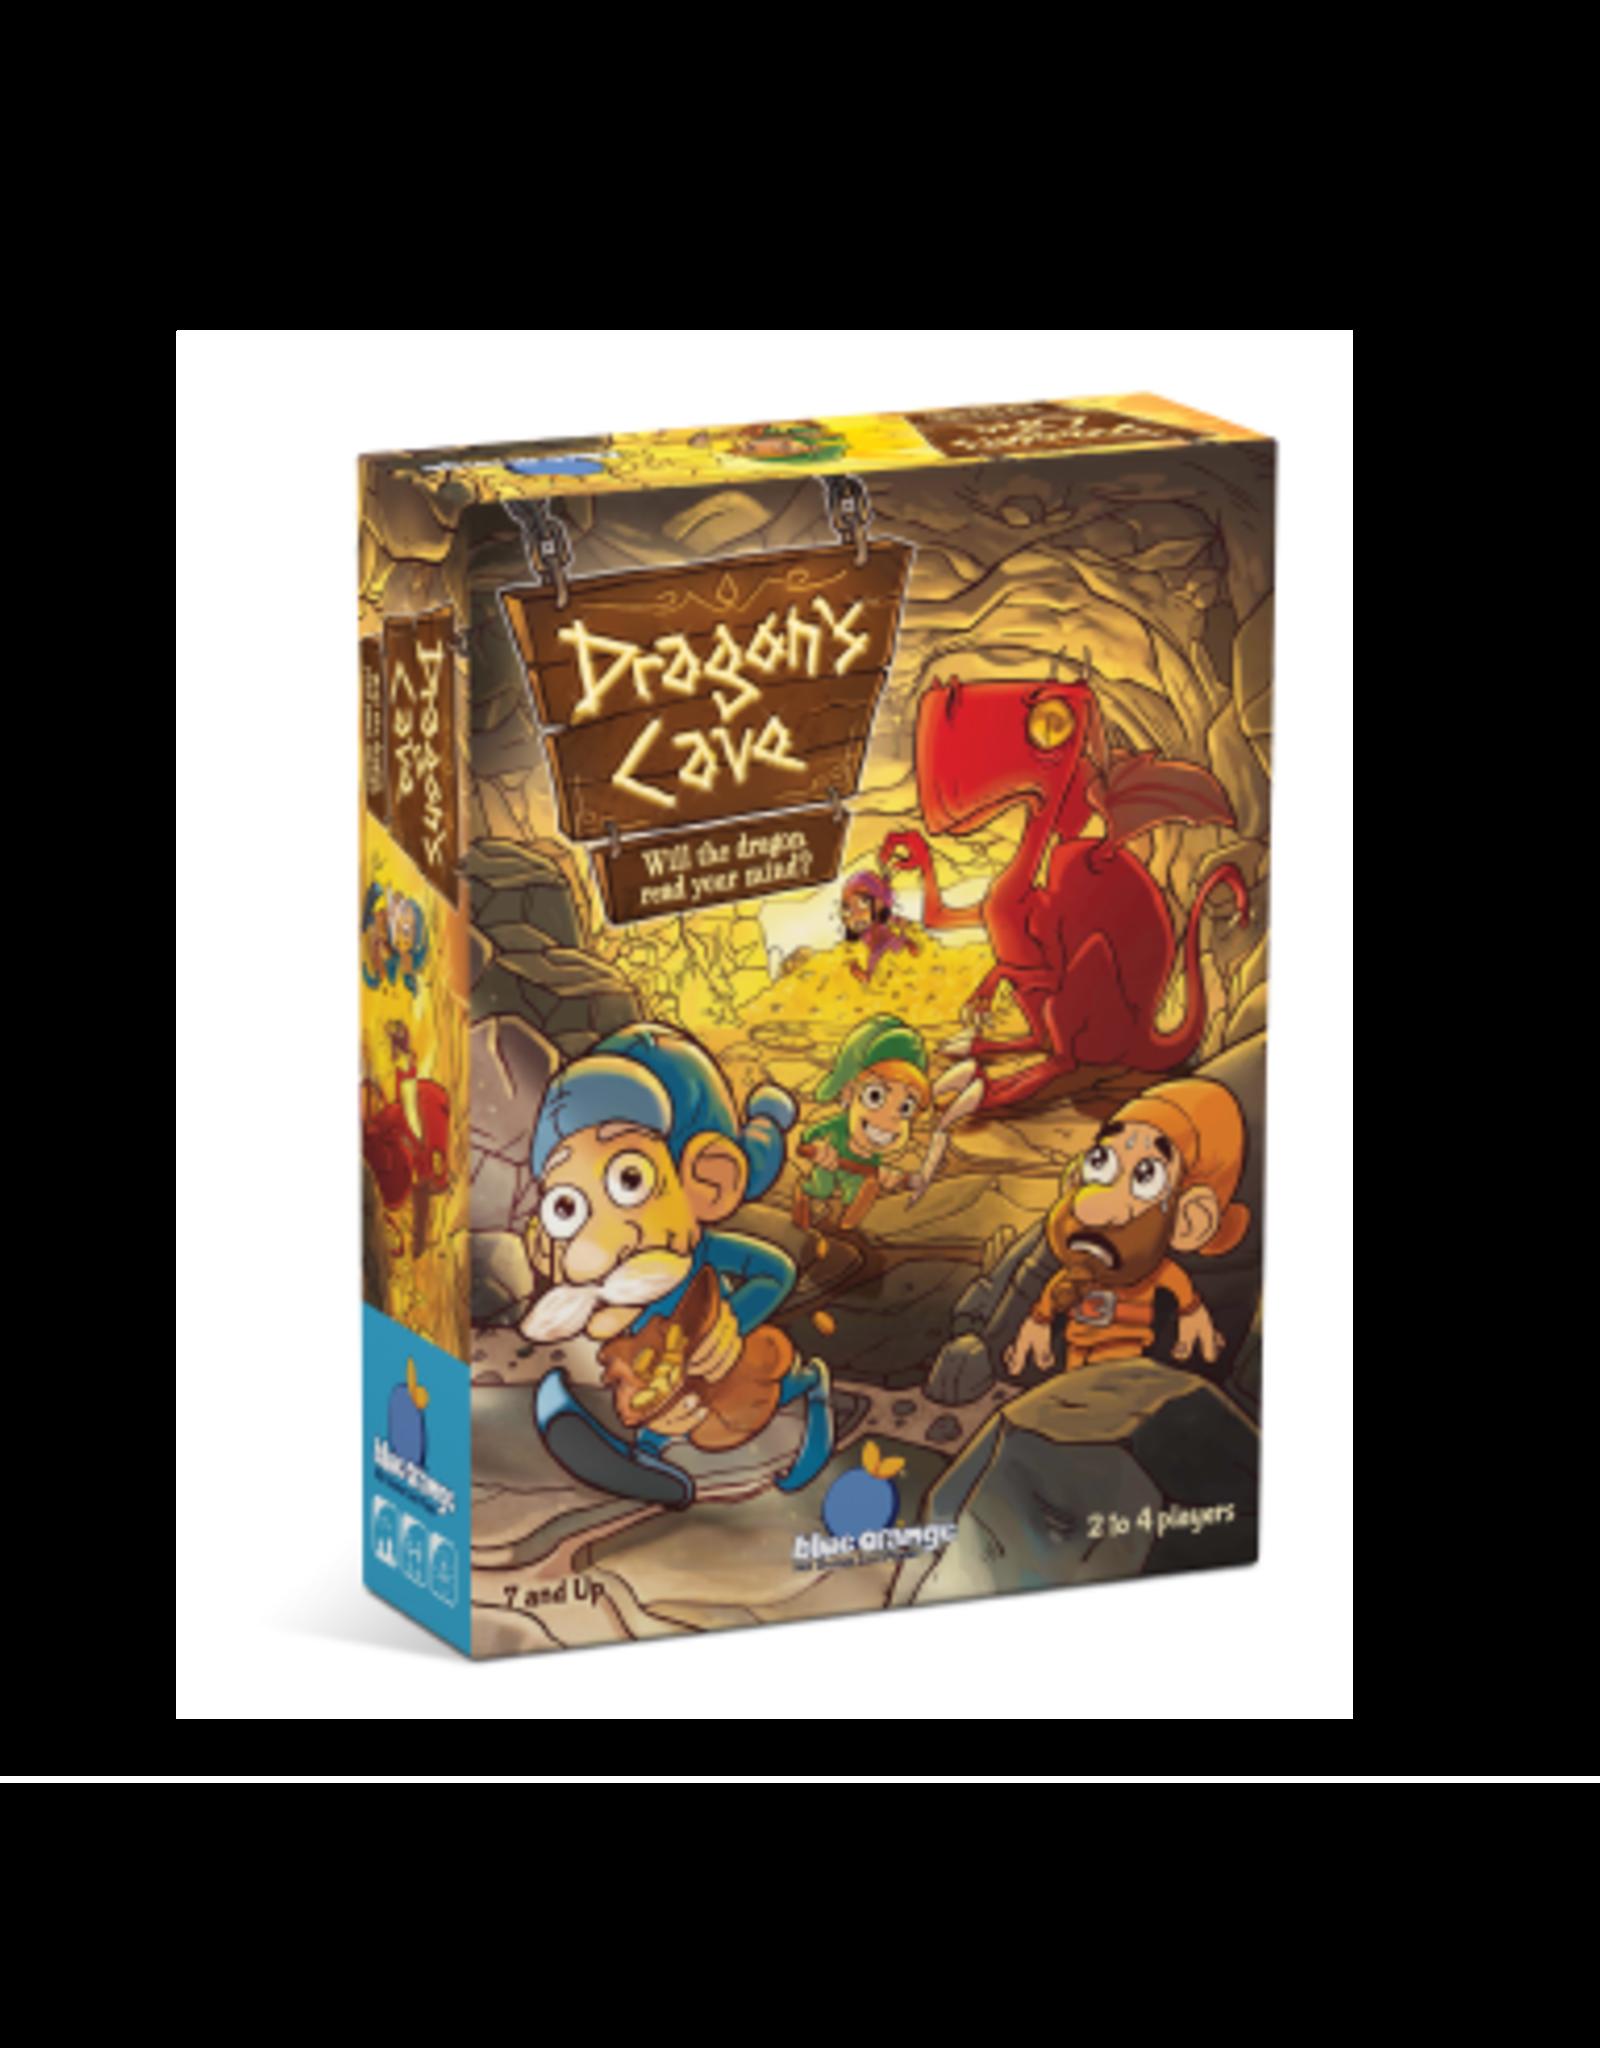 Blue Orange Games SALE - Dragon's Cave